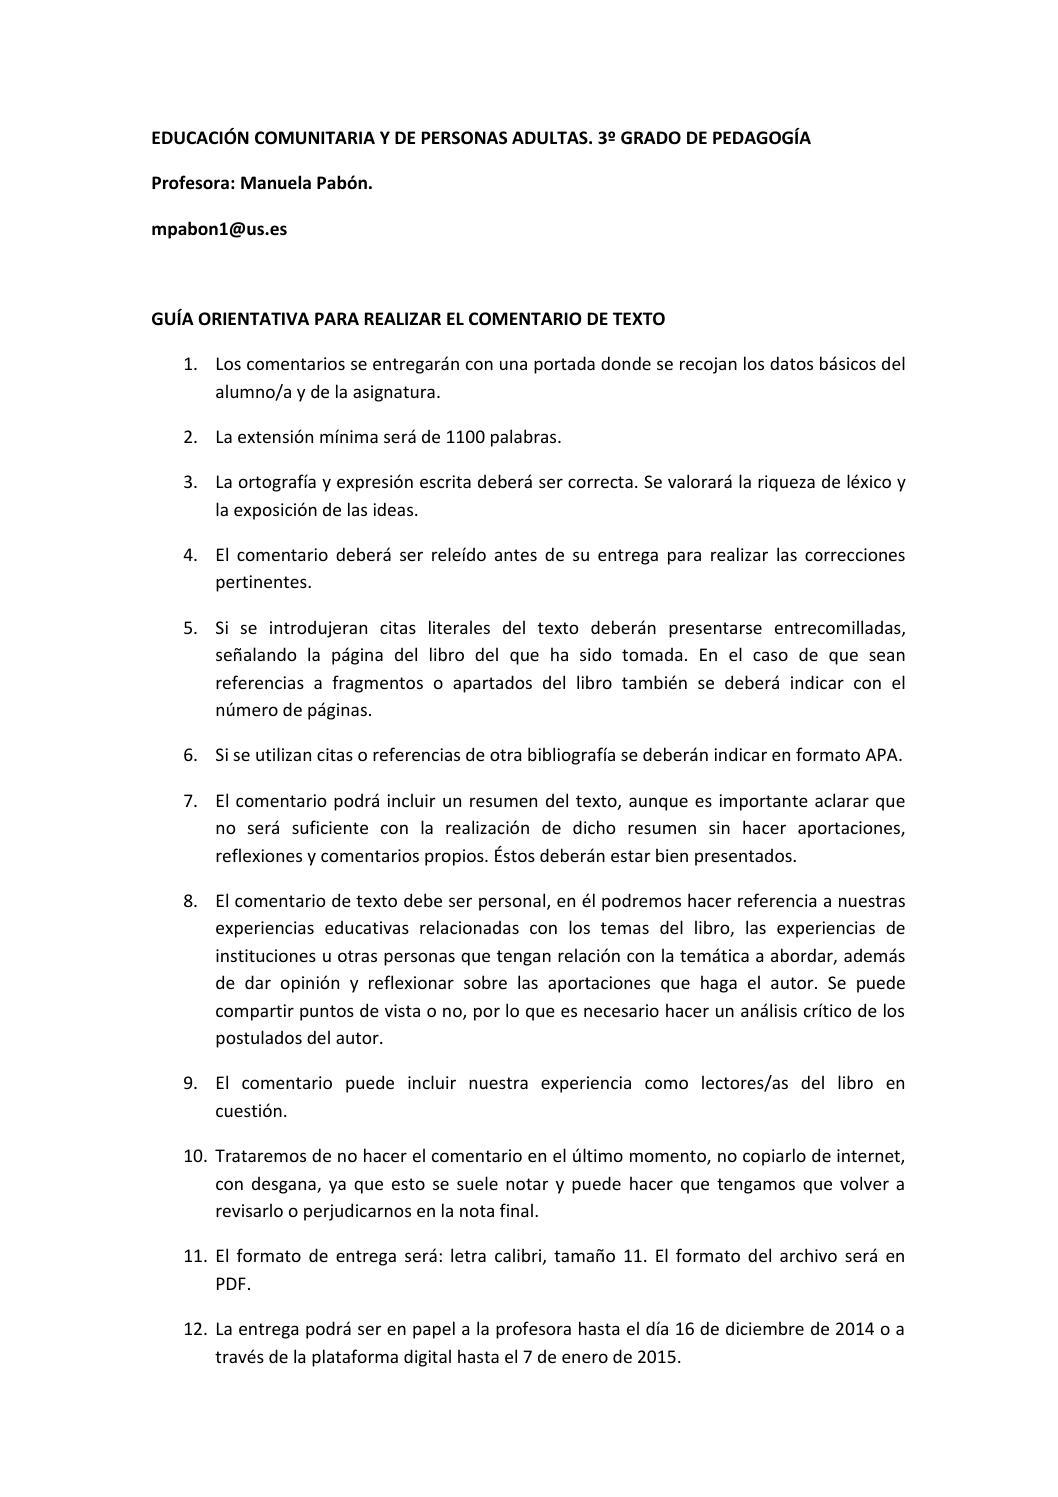 Excepcional Hacer Reanudar Imagen - Colección De Plantillas De ...